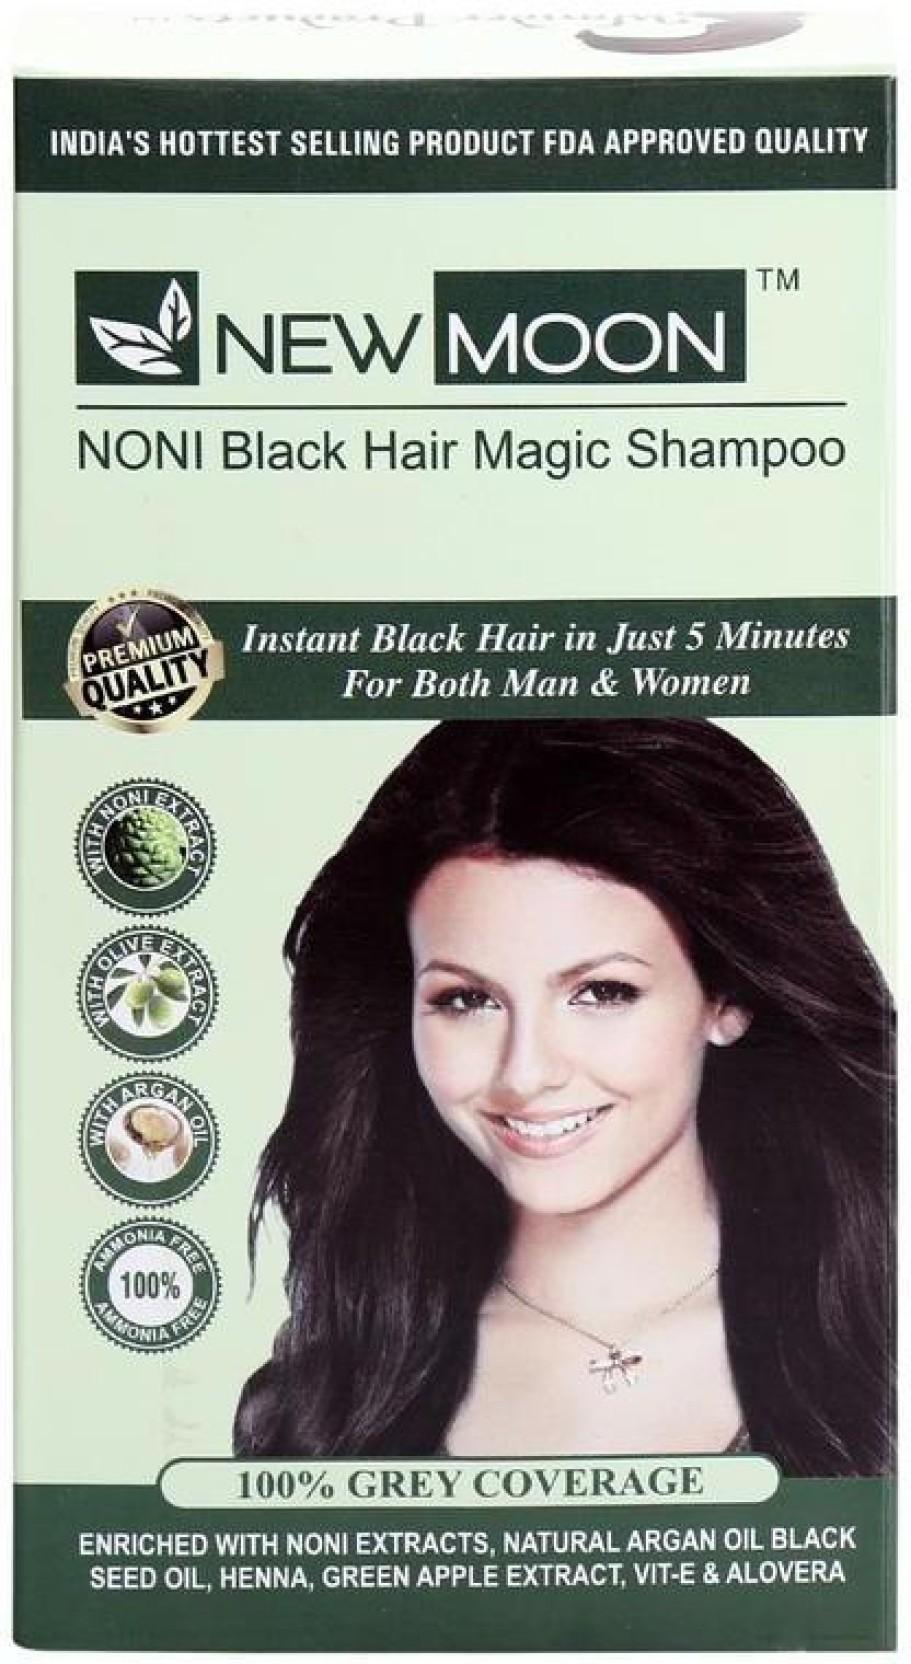 New Moon Noni Black Hair Magic Shampoo 20 Sachets Brown Hair Color